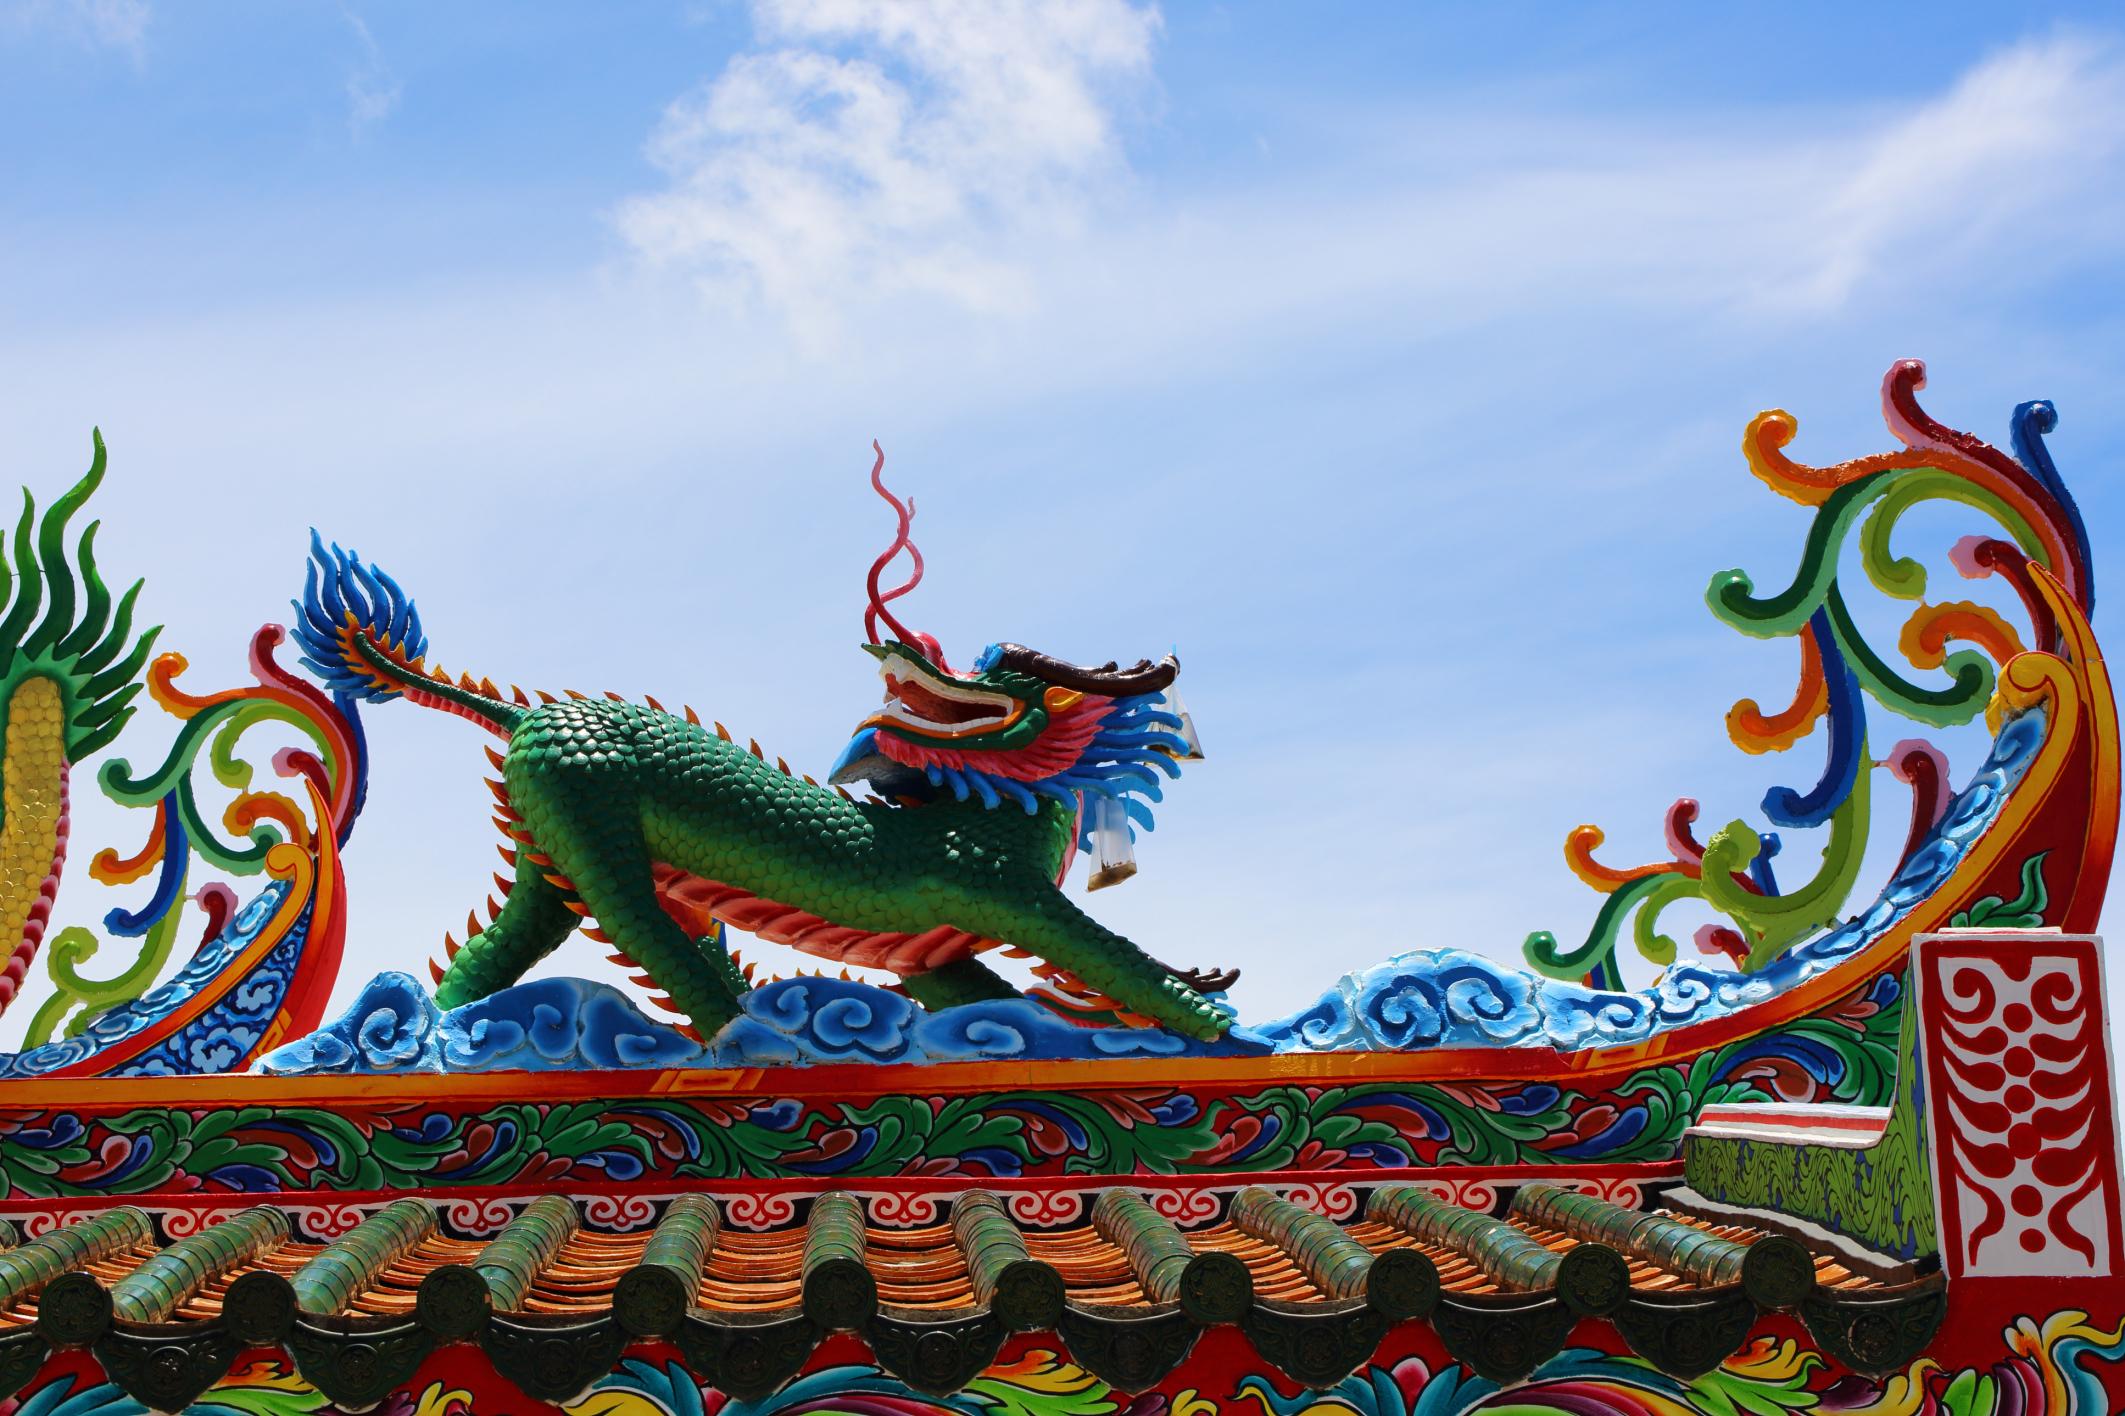 Cina 232 Del 30 Il Suo Contributo Alla Crescita Globale News Financialounge